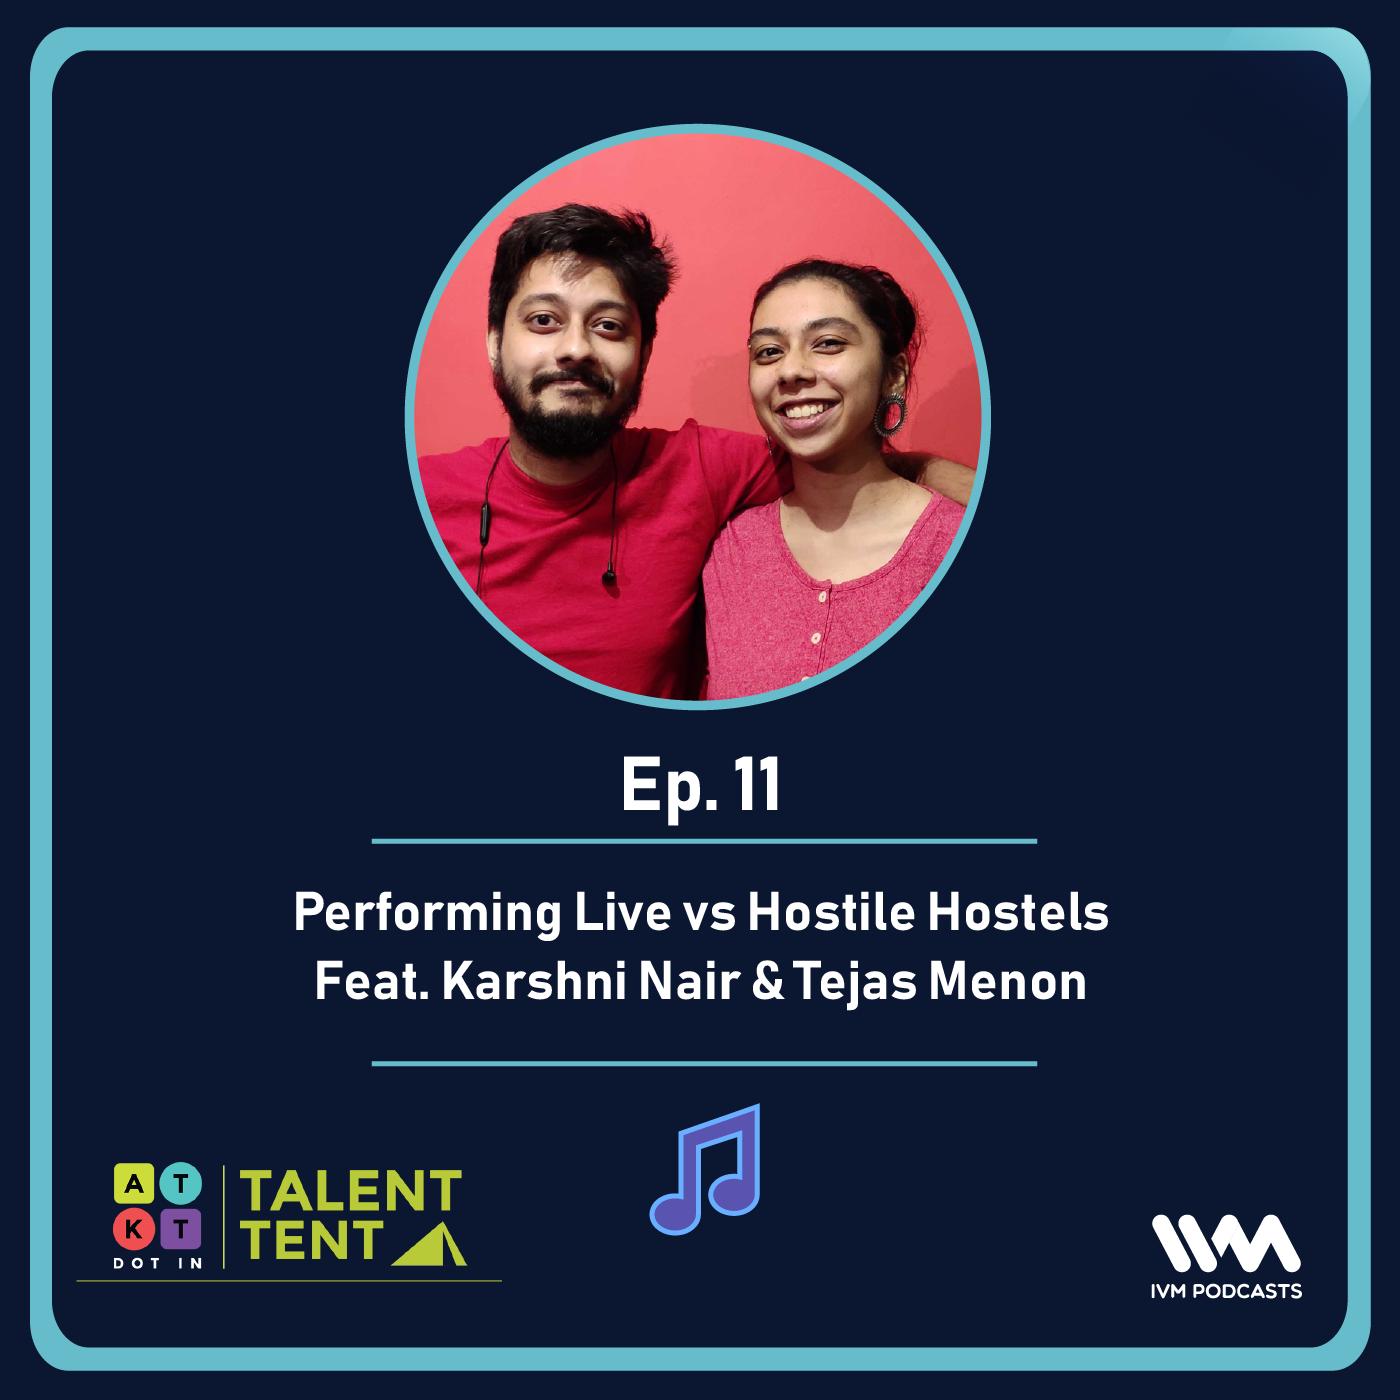 Ep. 11: Performing Live vs. Hostile Hostels